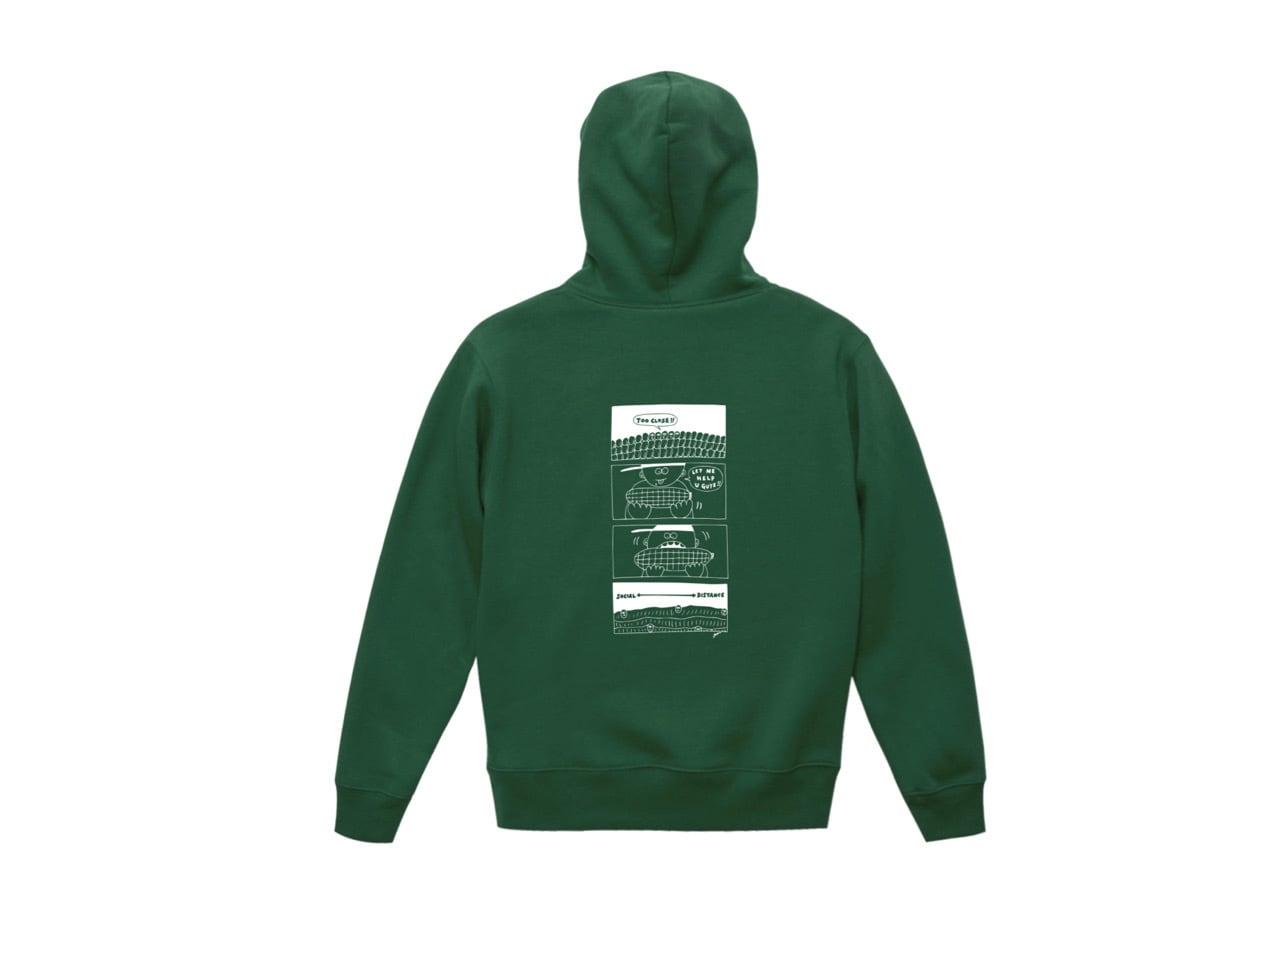 SHI × coguchi Corn SD hoodie (GRN/WH)